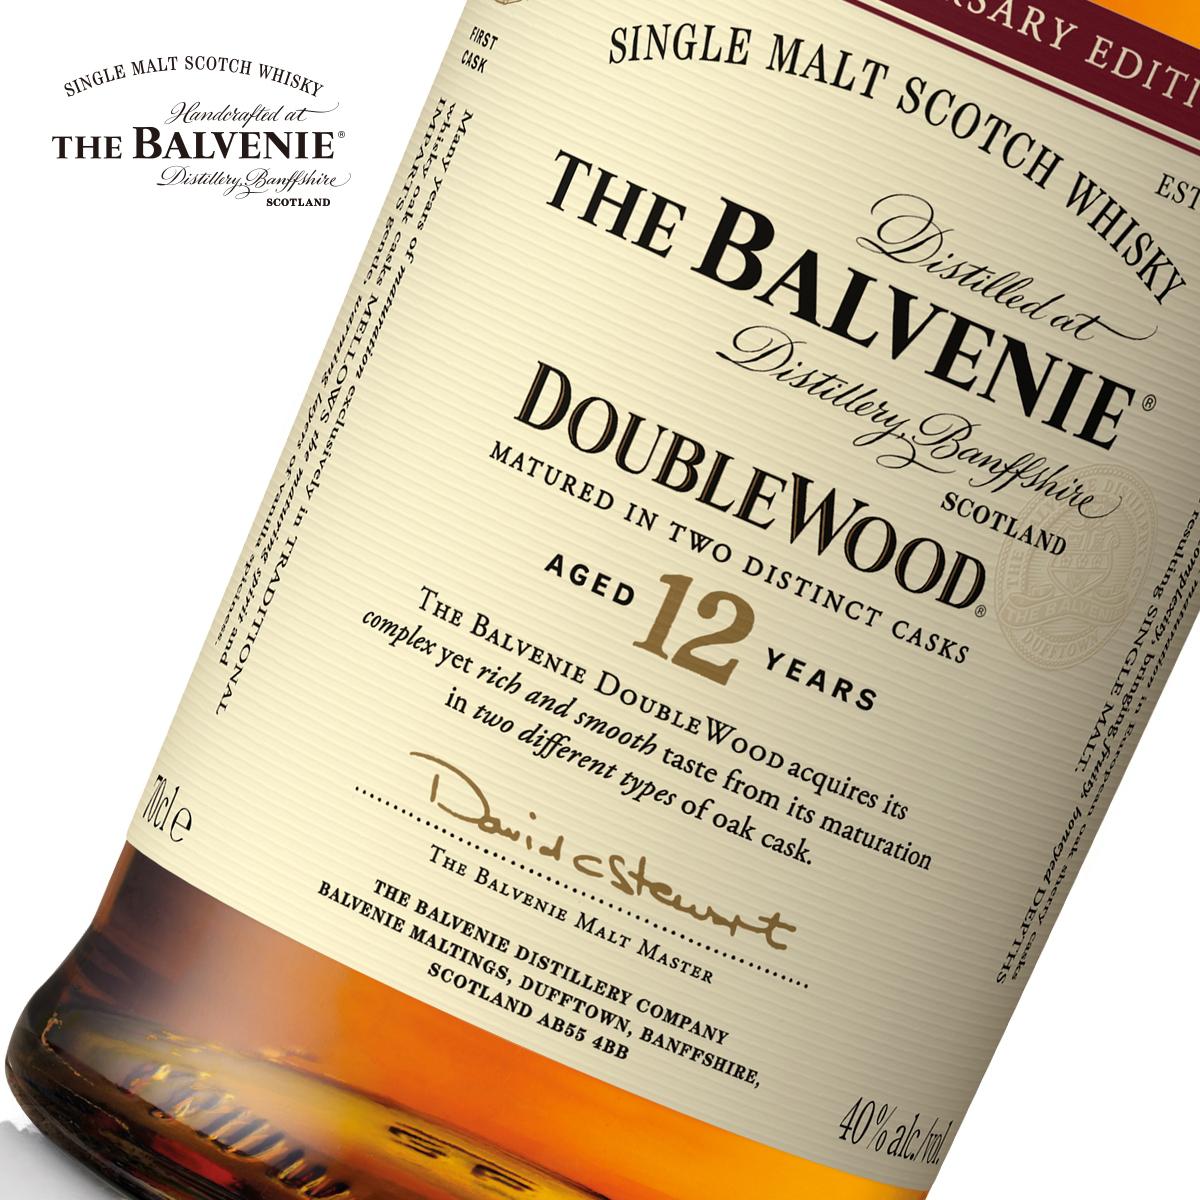 周年纪念版 25 年双桶陈酿单一纯麦威士忌 12 苏格兰百富 BALVENIE